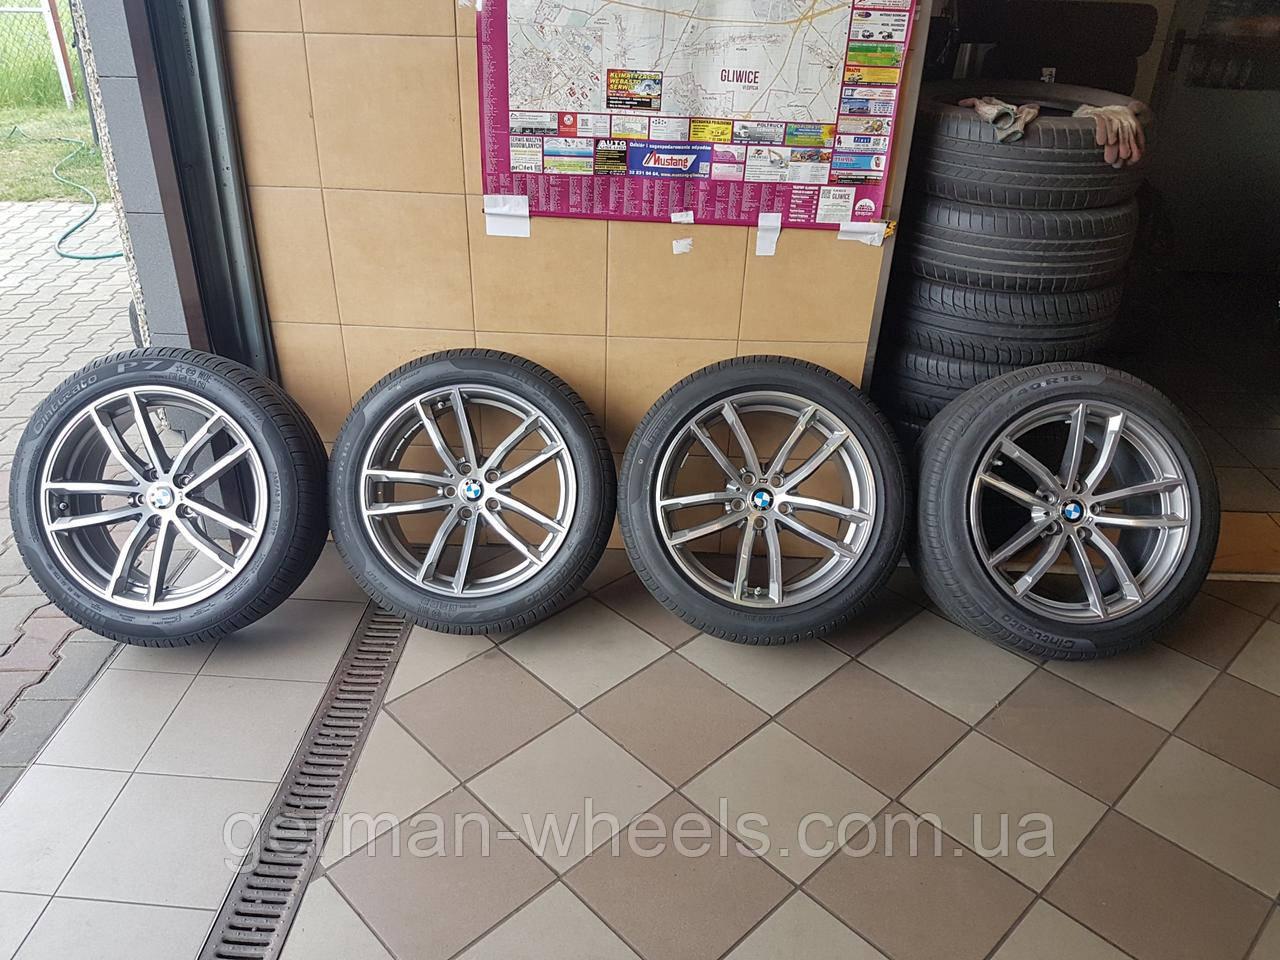 18 оригинальные колеса диски на BMW 5 M/// G30/G31,622 style - German Wheels | Немецкие колеса в Киеве